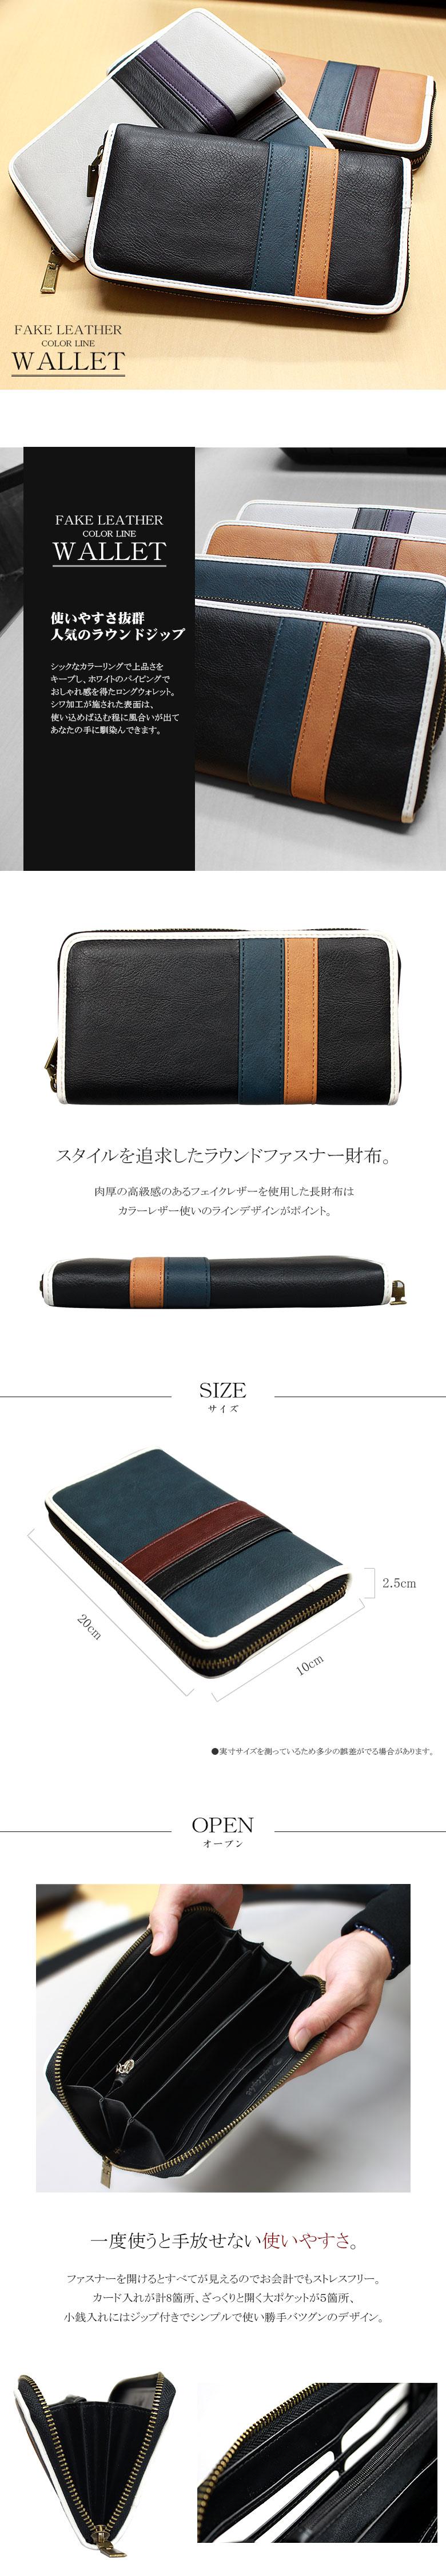 財布 通販 ライン カラー切替 ロングウォレットブラック、ネイビー、キャメル、ライトグレー 合成皮革